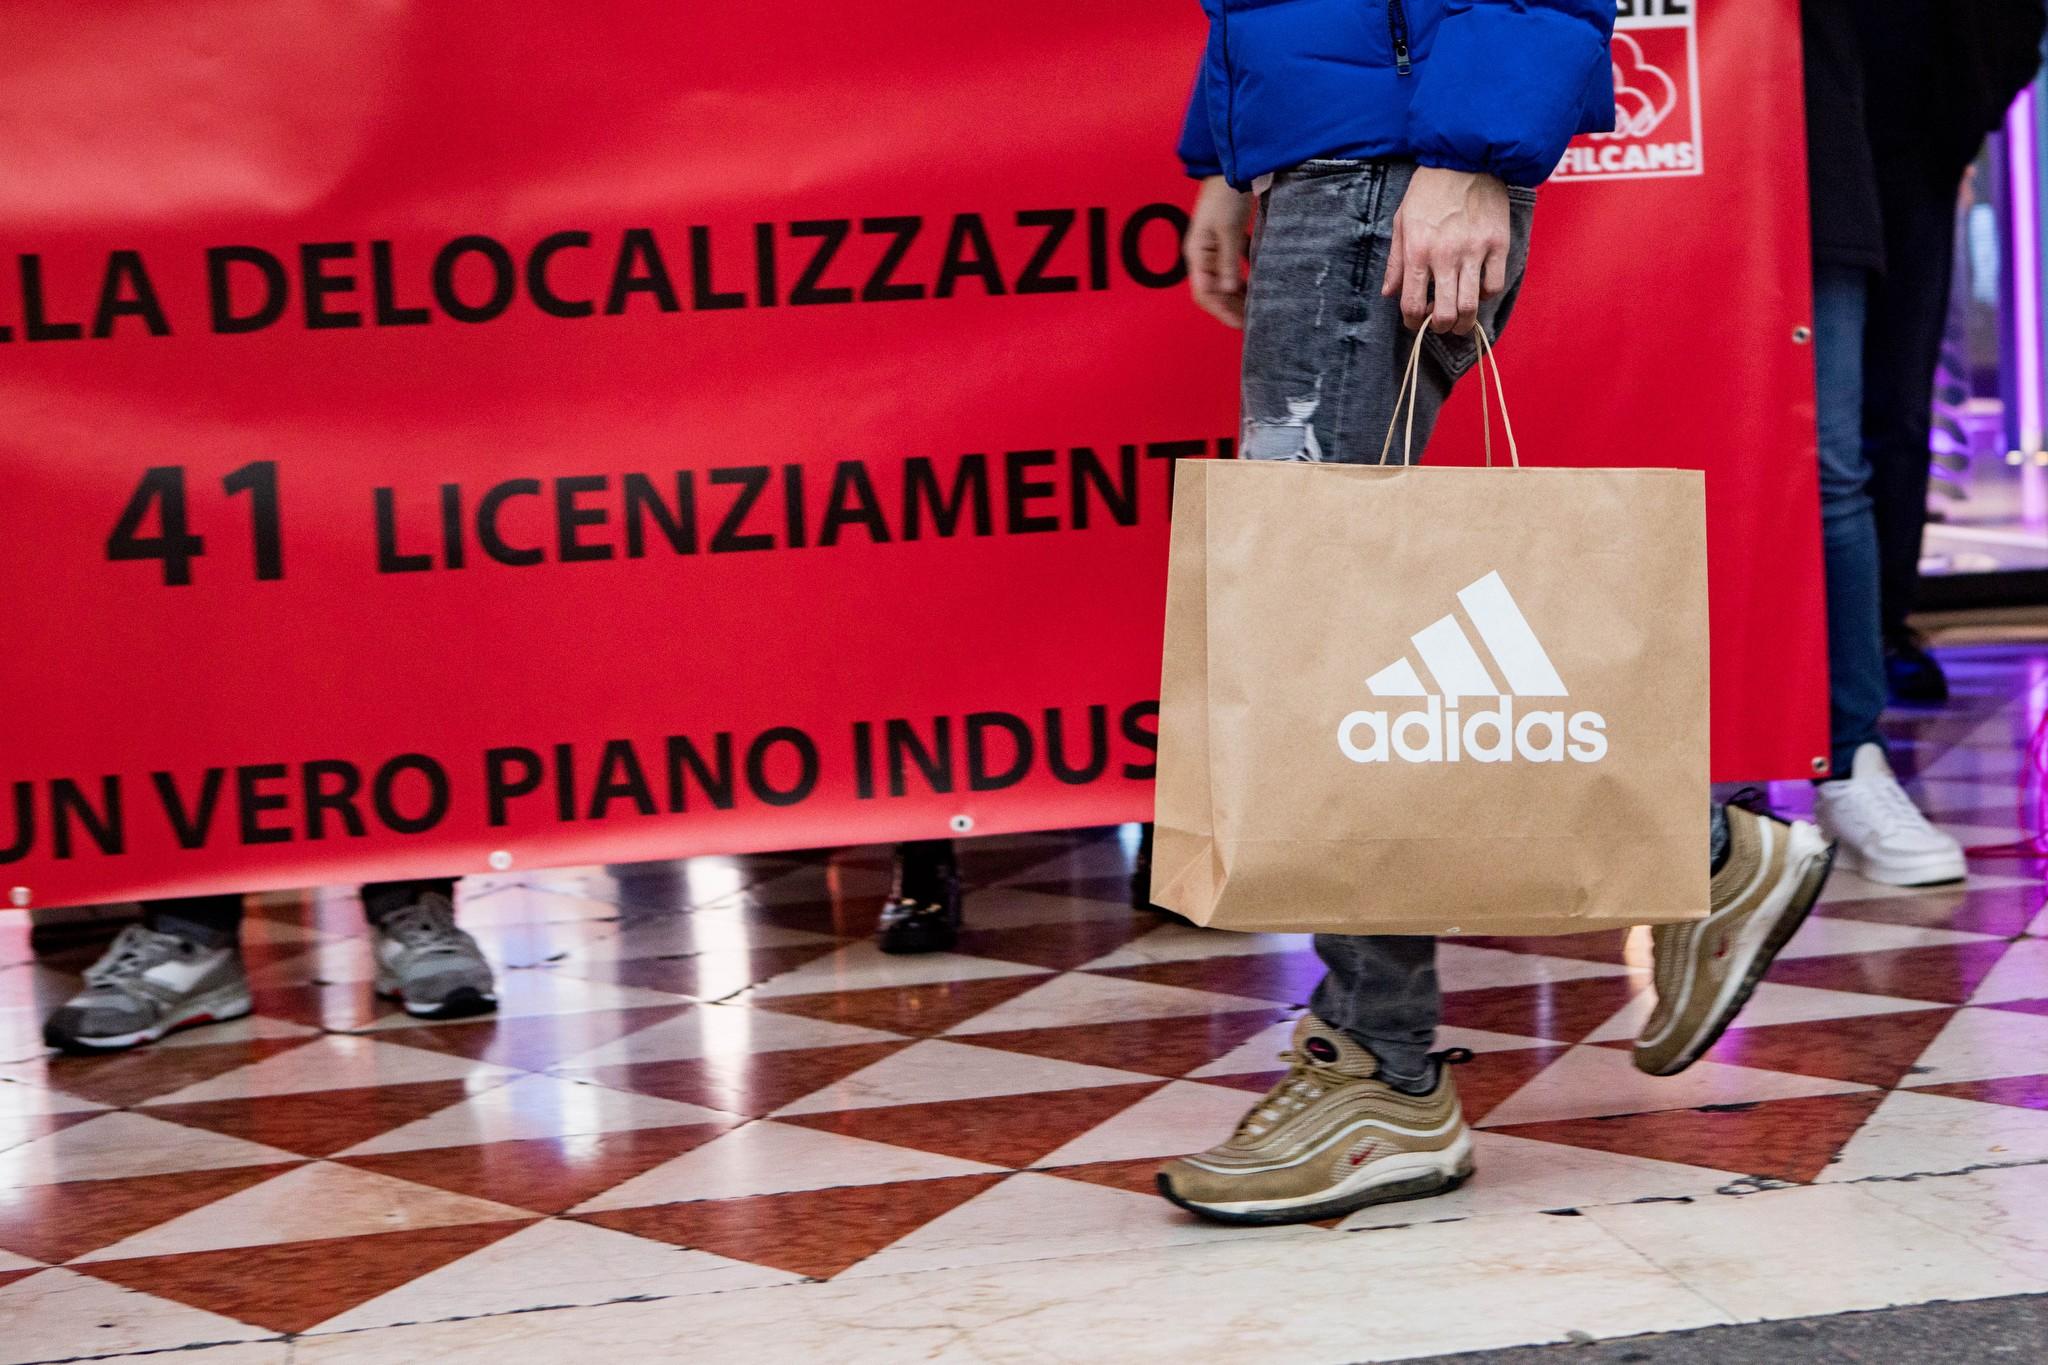 Adidas in Milan 2019